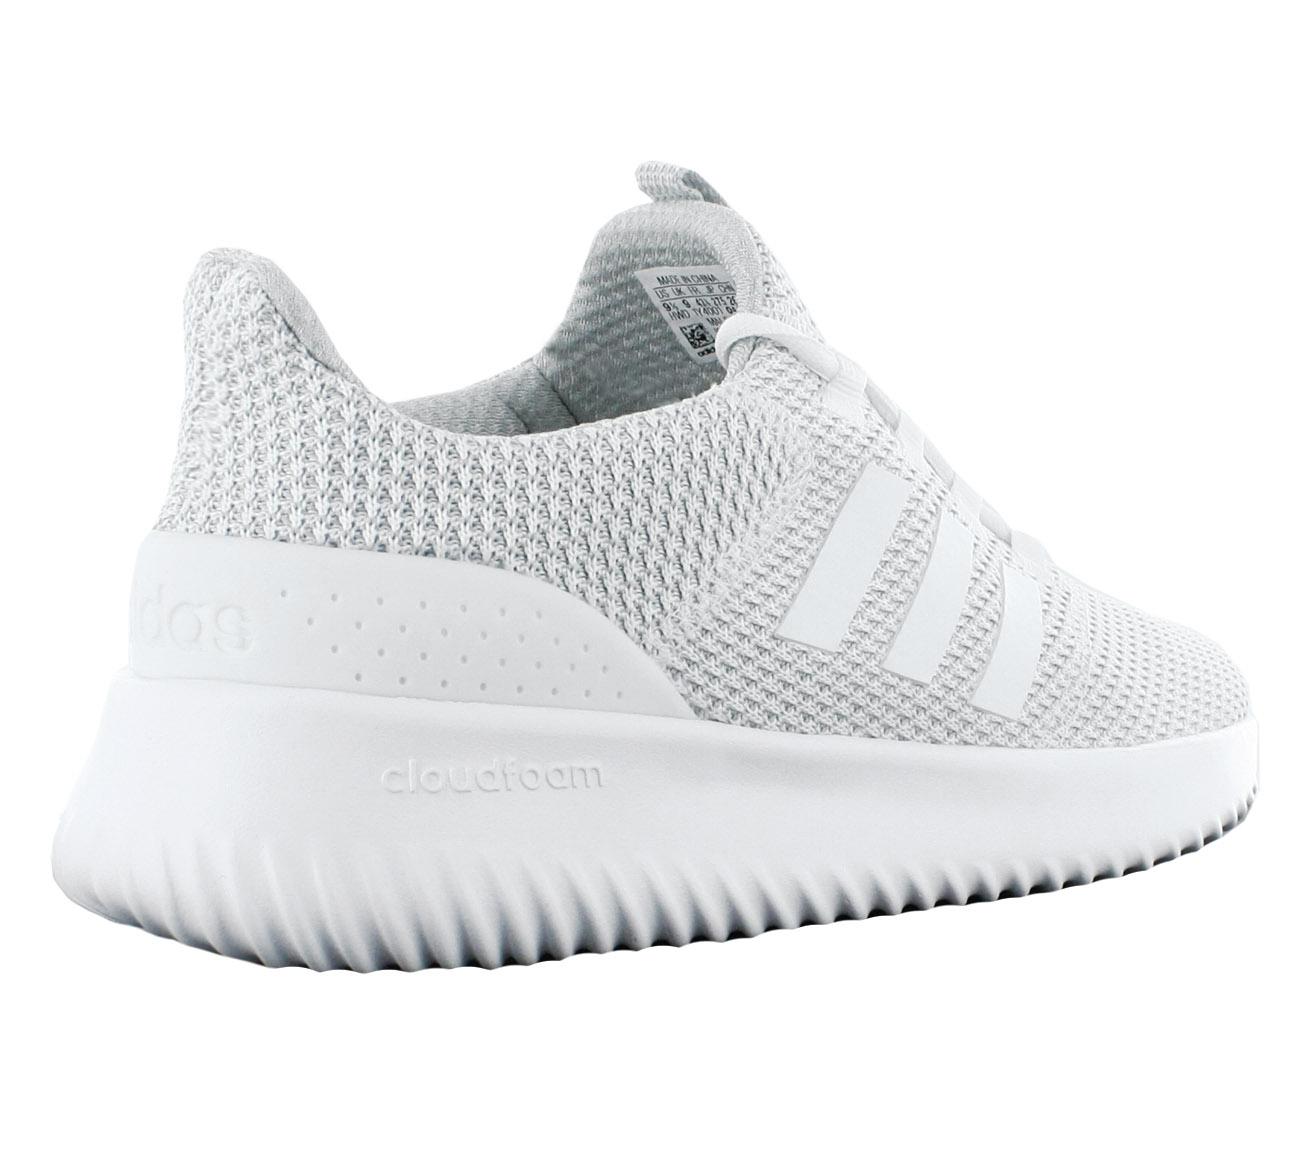 Nuove Nuove Nuove adidas cloudfoam bc0121 Uomo le scarpe di vendita finale dei formatori 2e8ae4